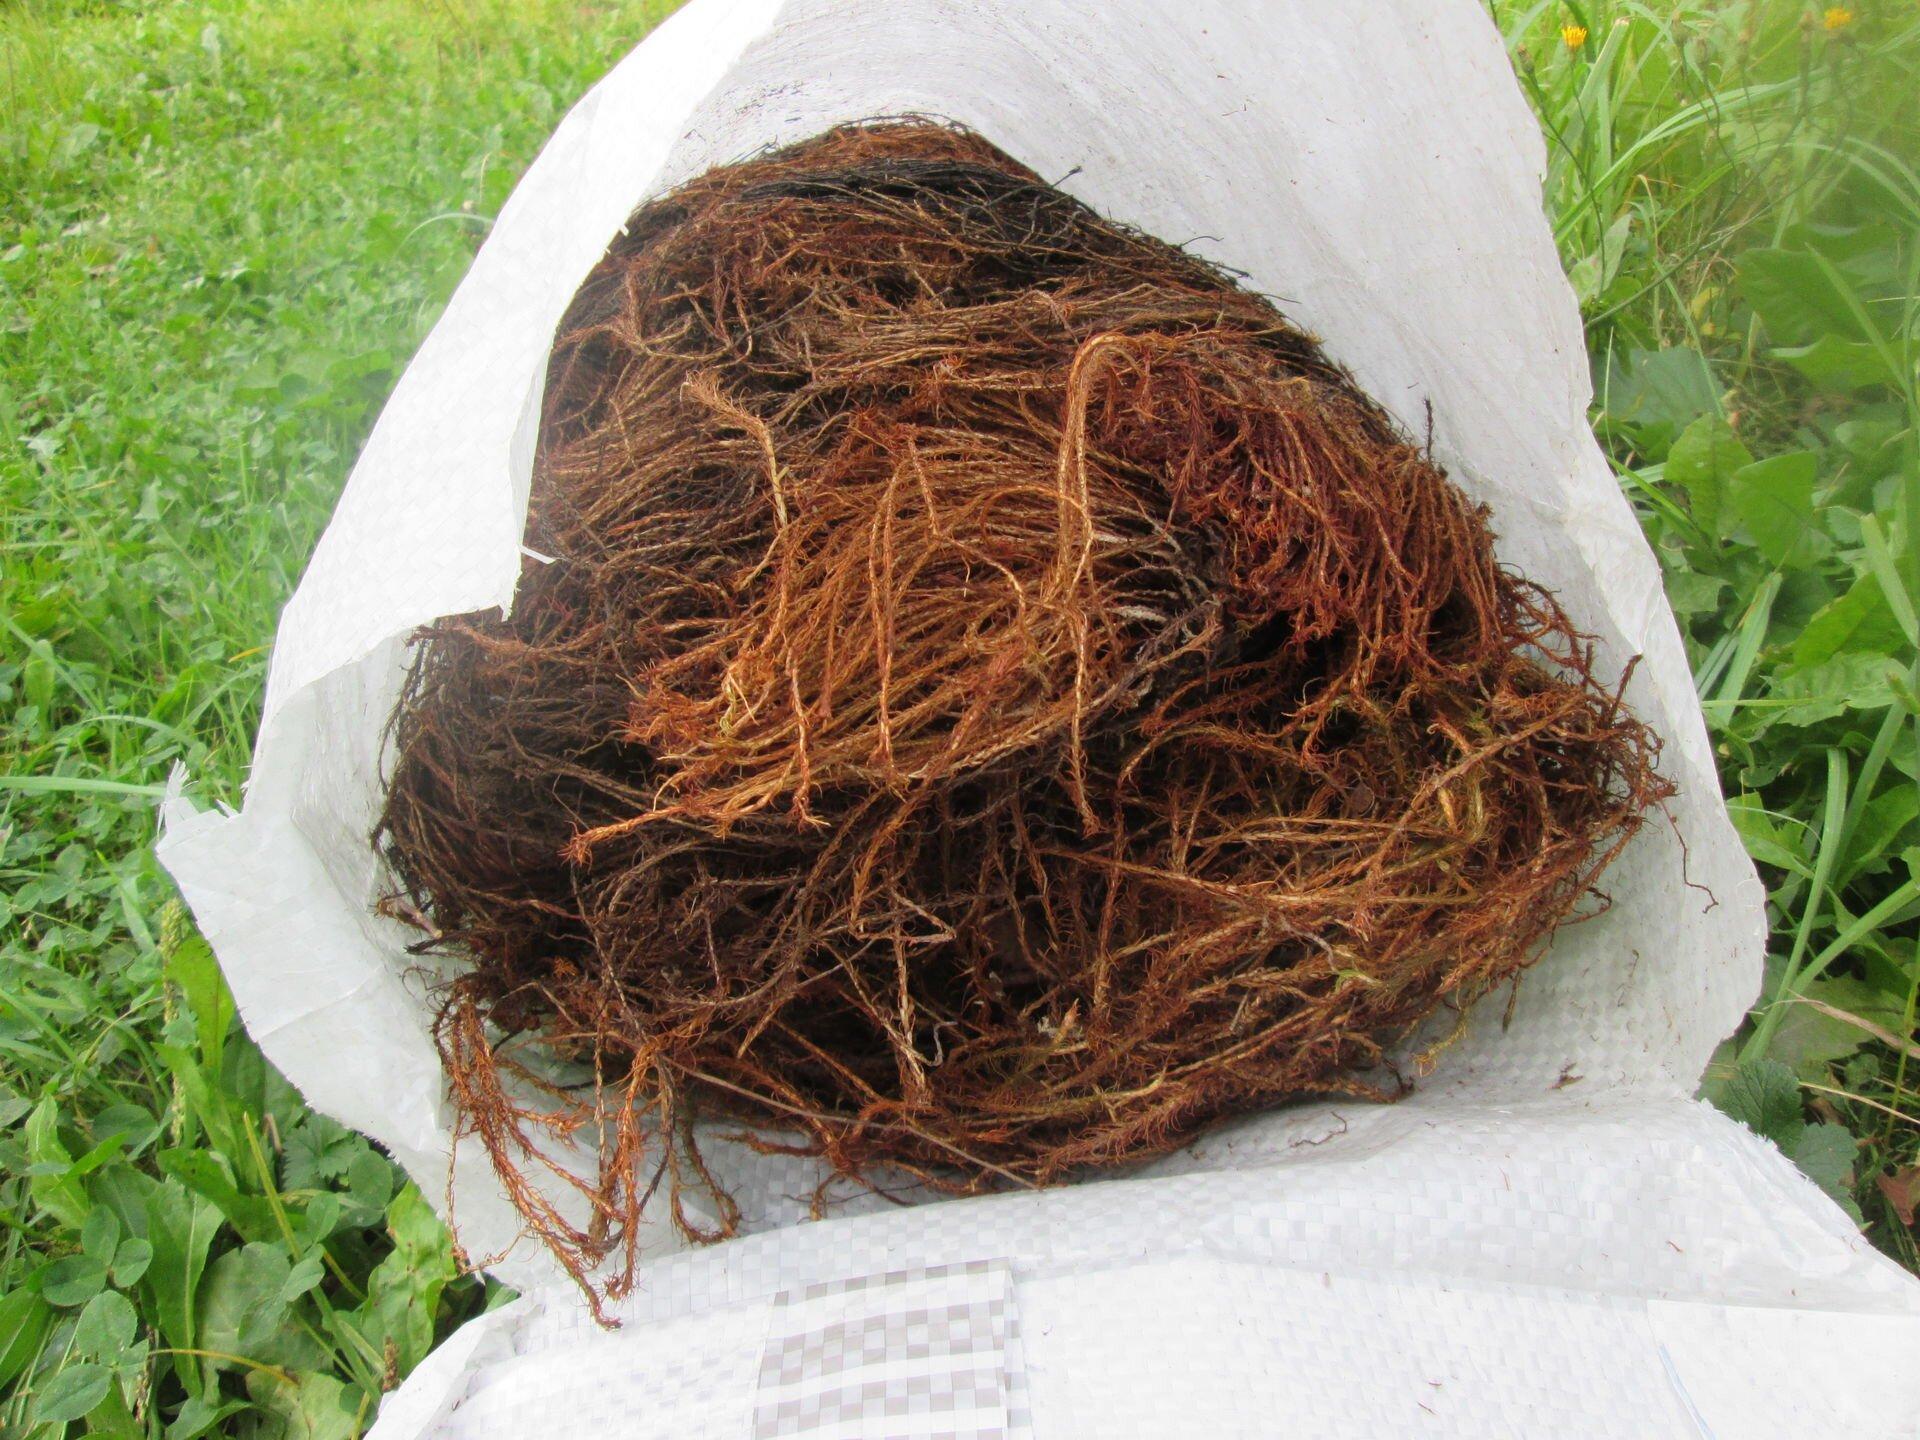 мох кукушкин лен для конопатки